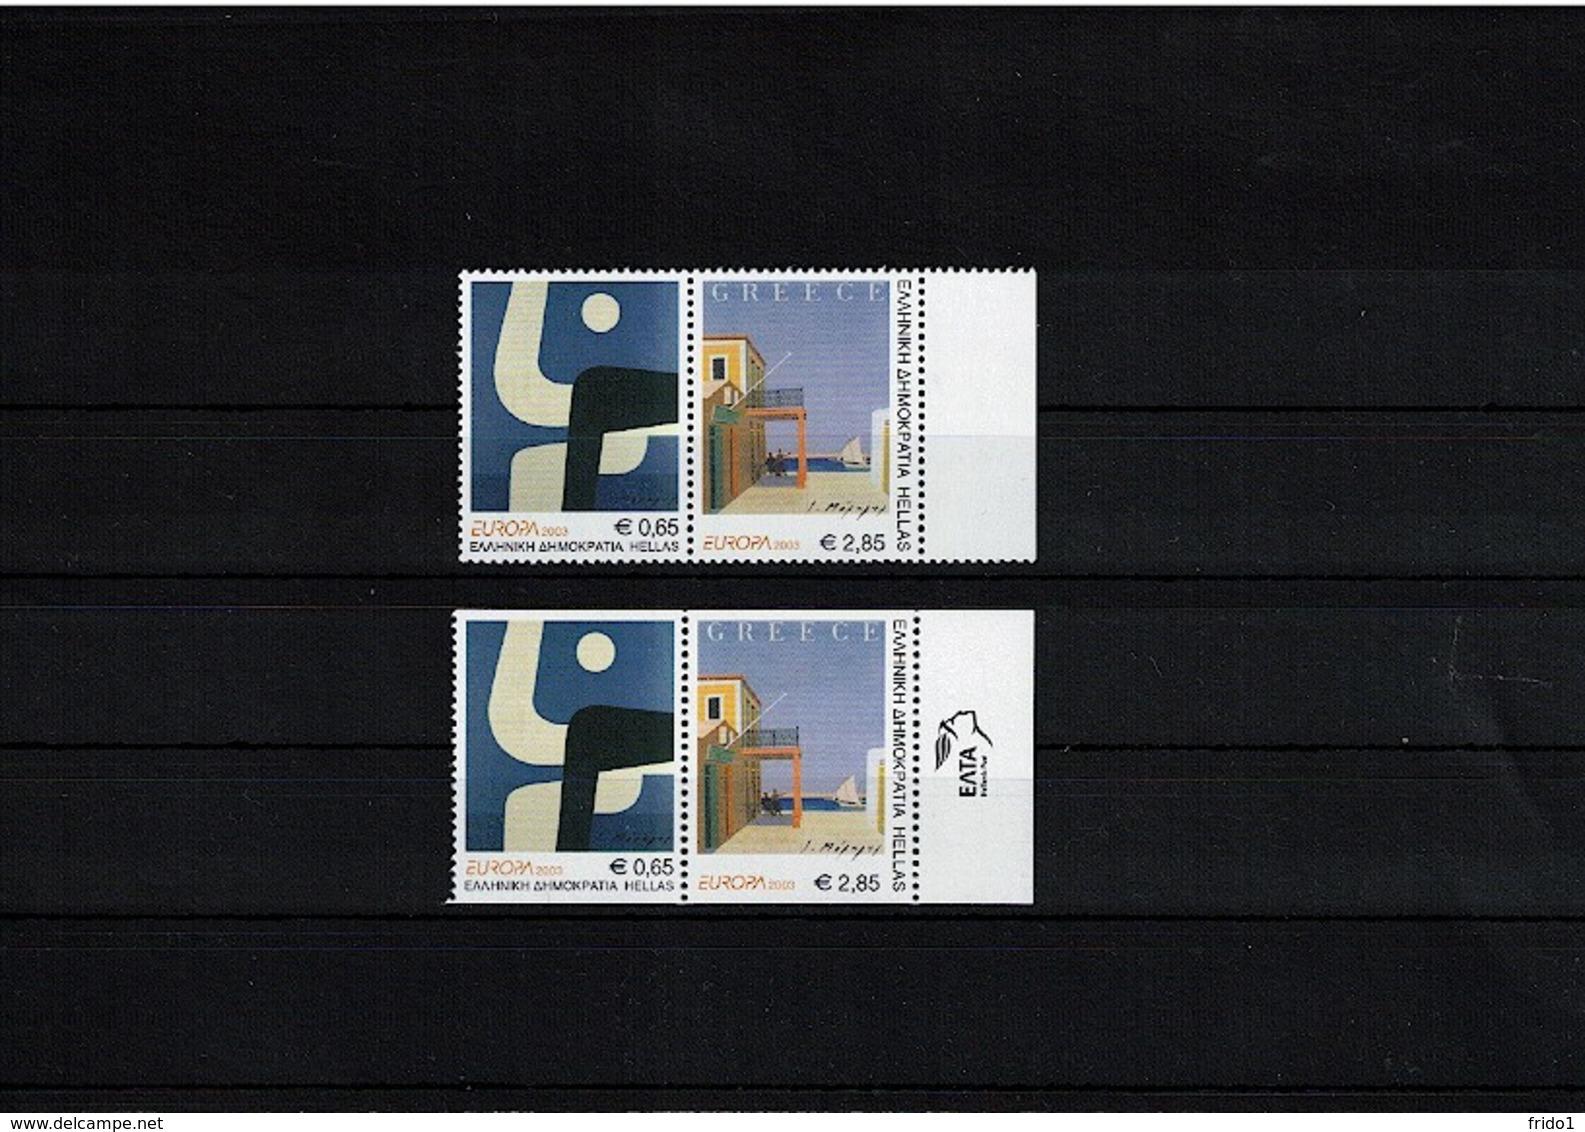 Greece 2003 Europa Cept  Postfrisch / MNH - 2003